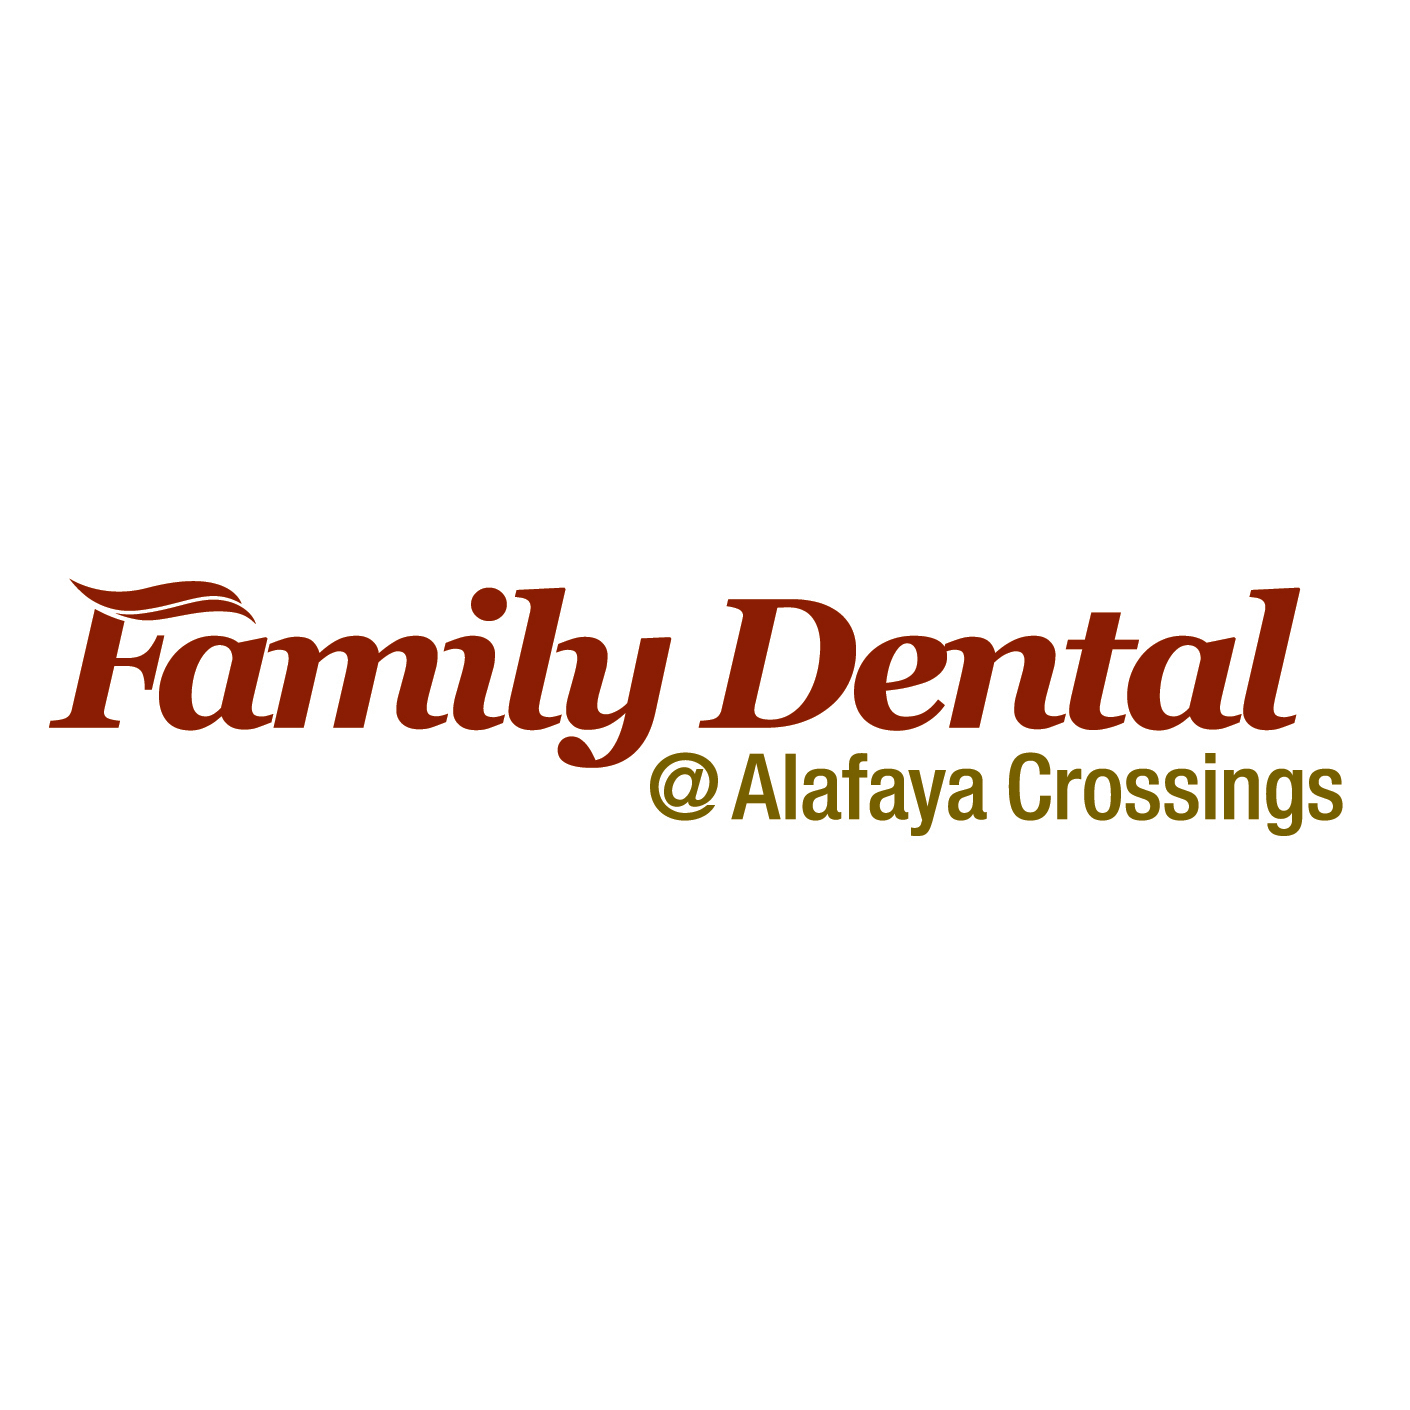 Family Dental at Alafaya Crossings